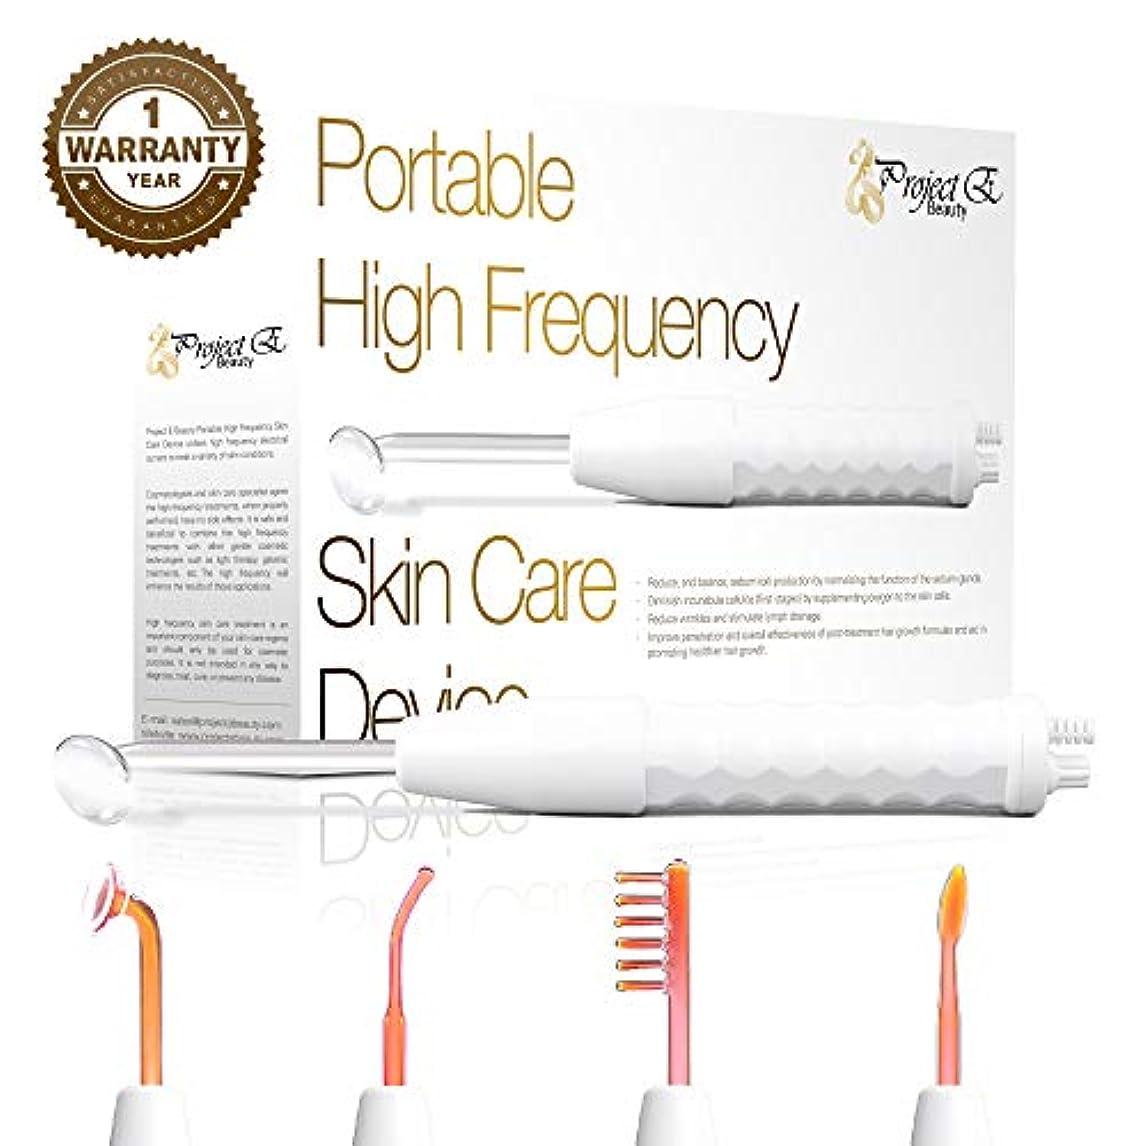 バナナ麦芽補充Project E Beauty D'arsonvalアルゴンおよびネオンガスポータブル高周波ワンド直接家庭用 - 肌の引き締め、しわ、細い線、ふくらんでいる目の皮膚療法(ネオンガス(オレンジレッド))